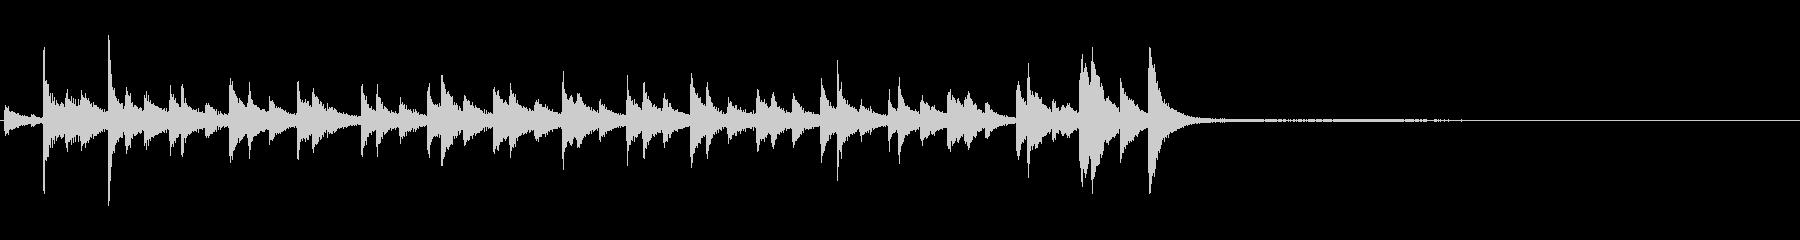 アイアントライアングルディナーベル...の未再生の波形